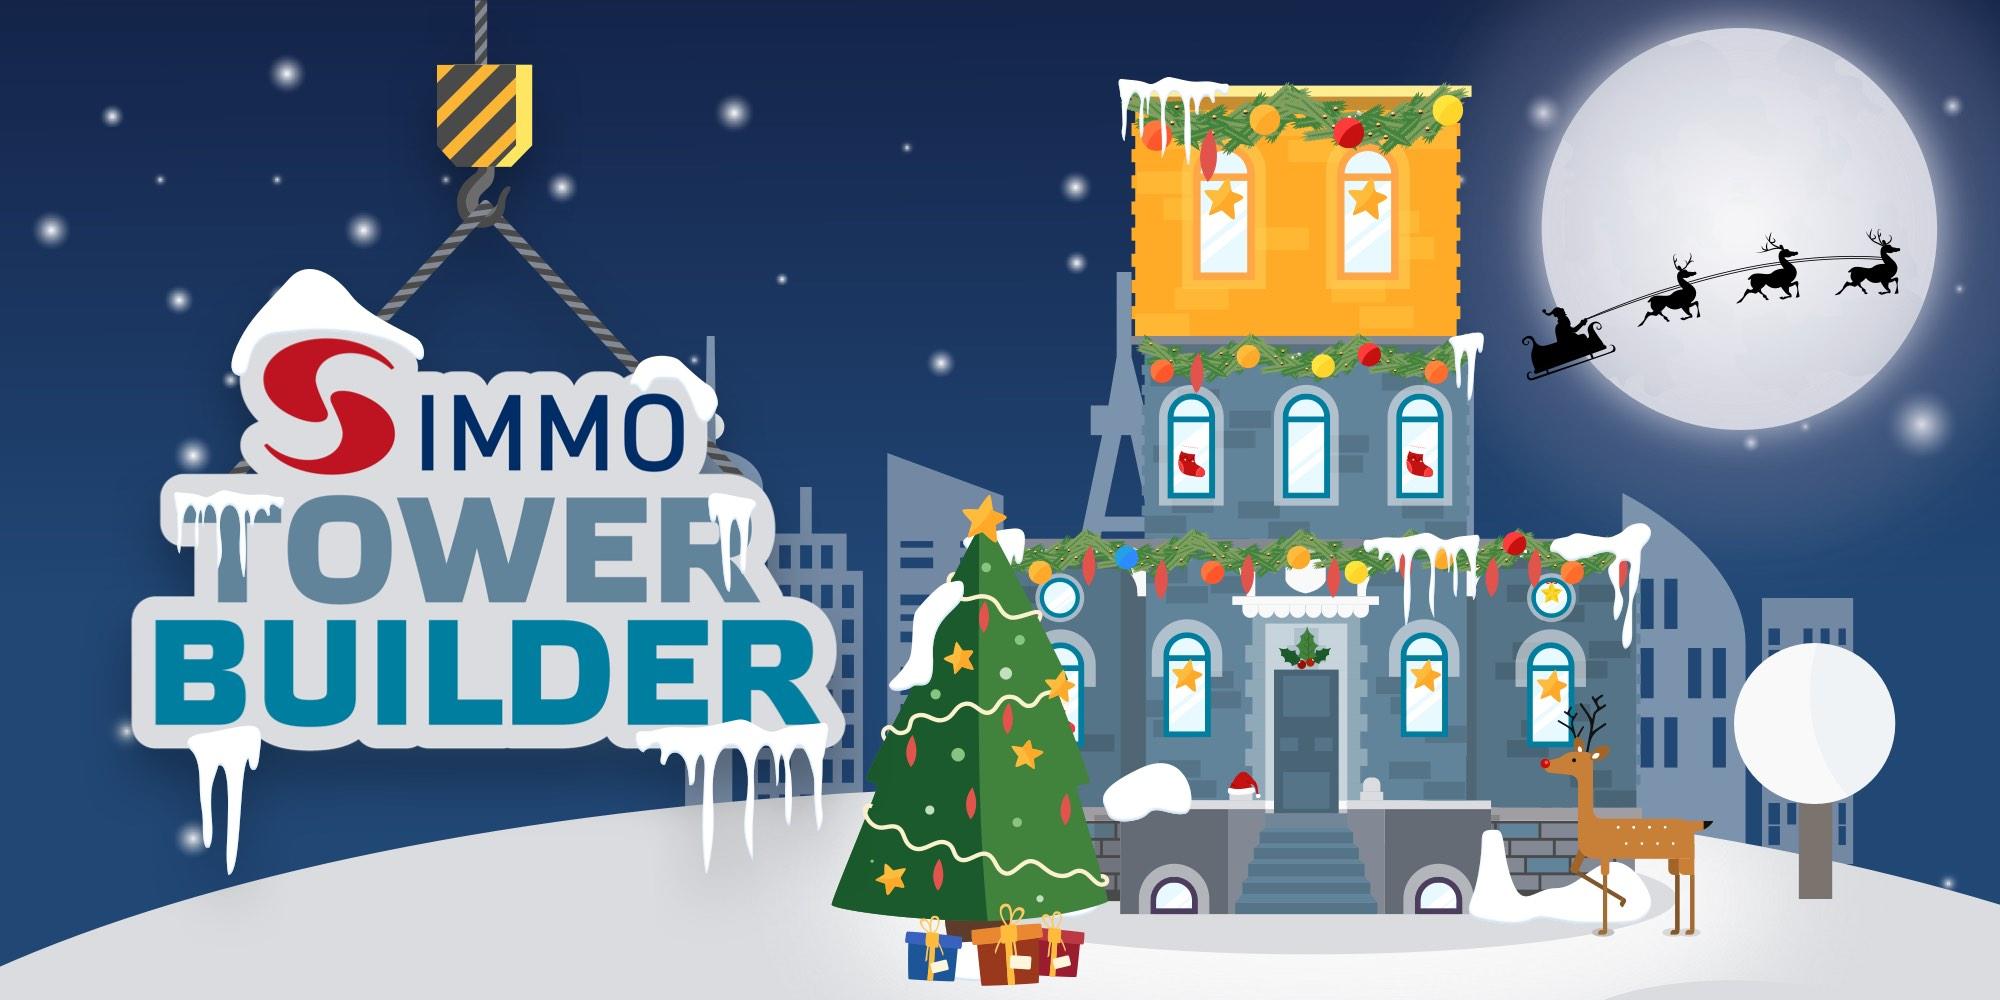 S IMMO Weihnachtsspiel